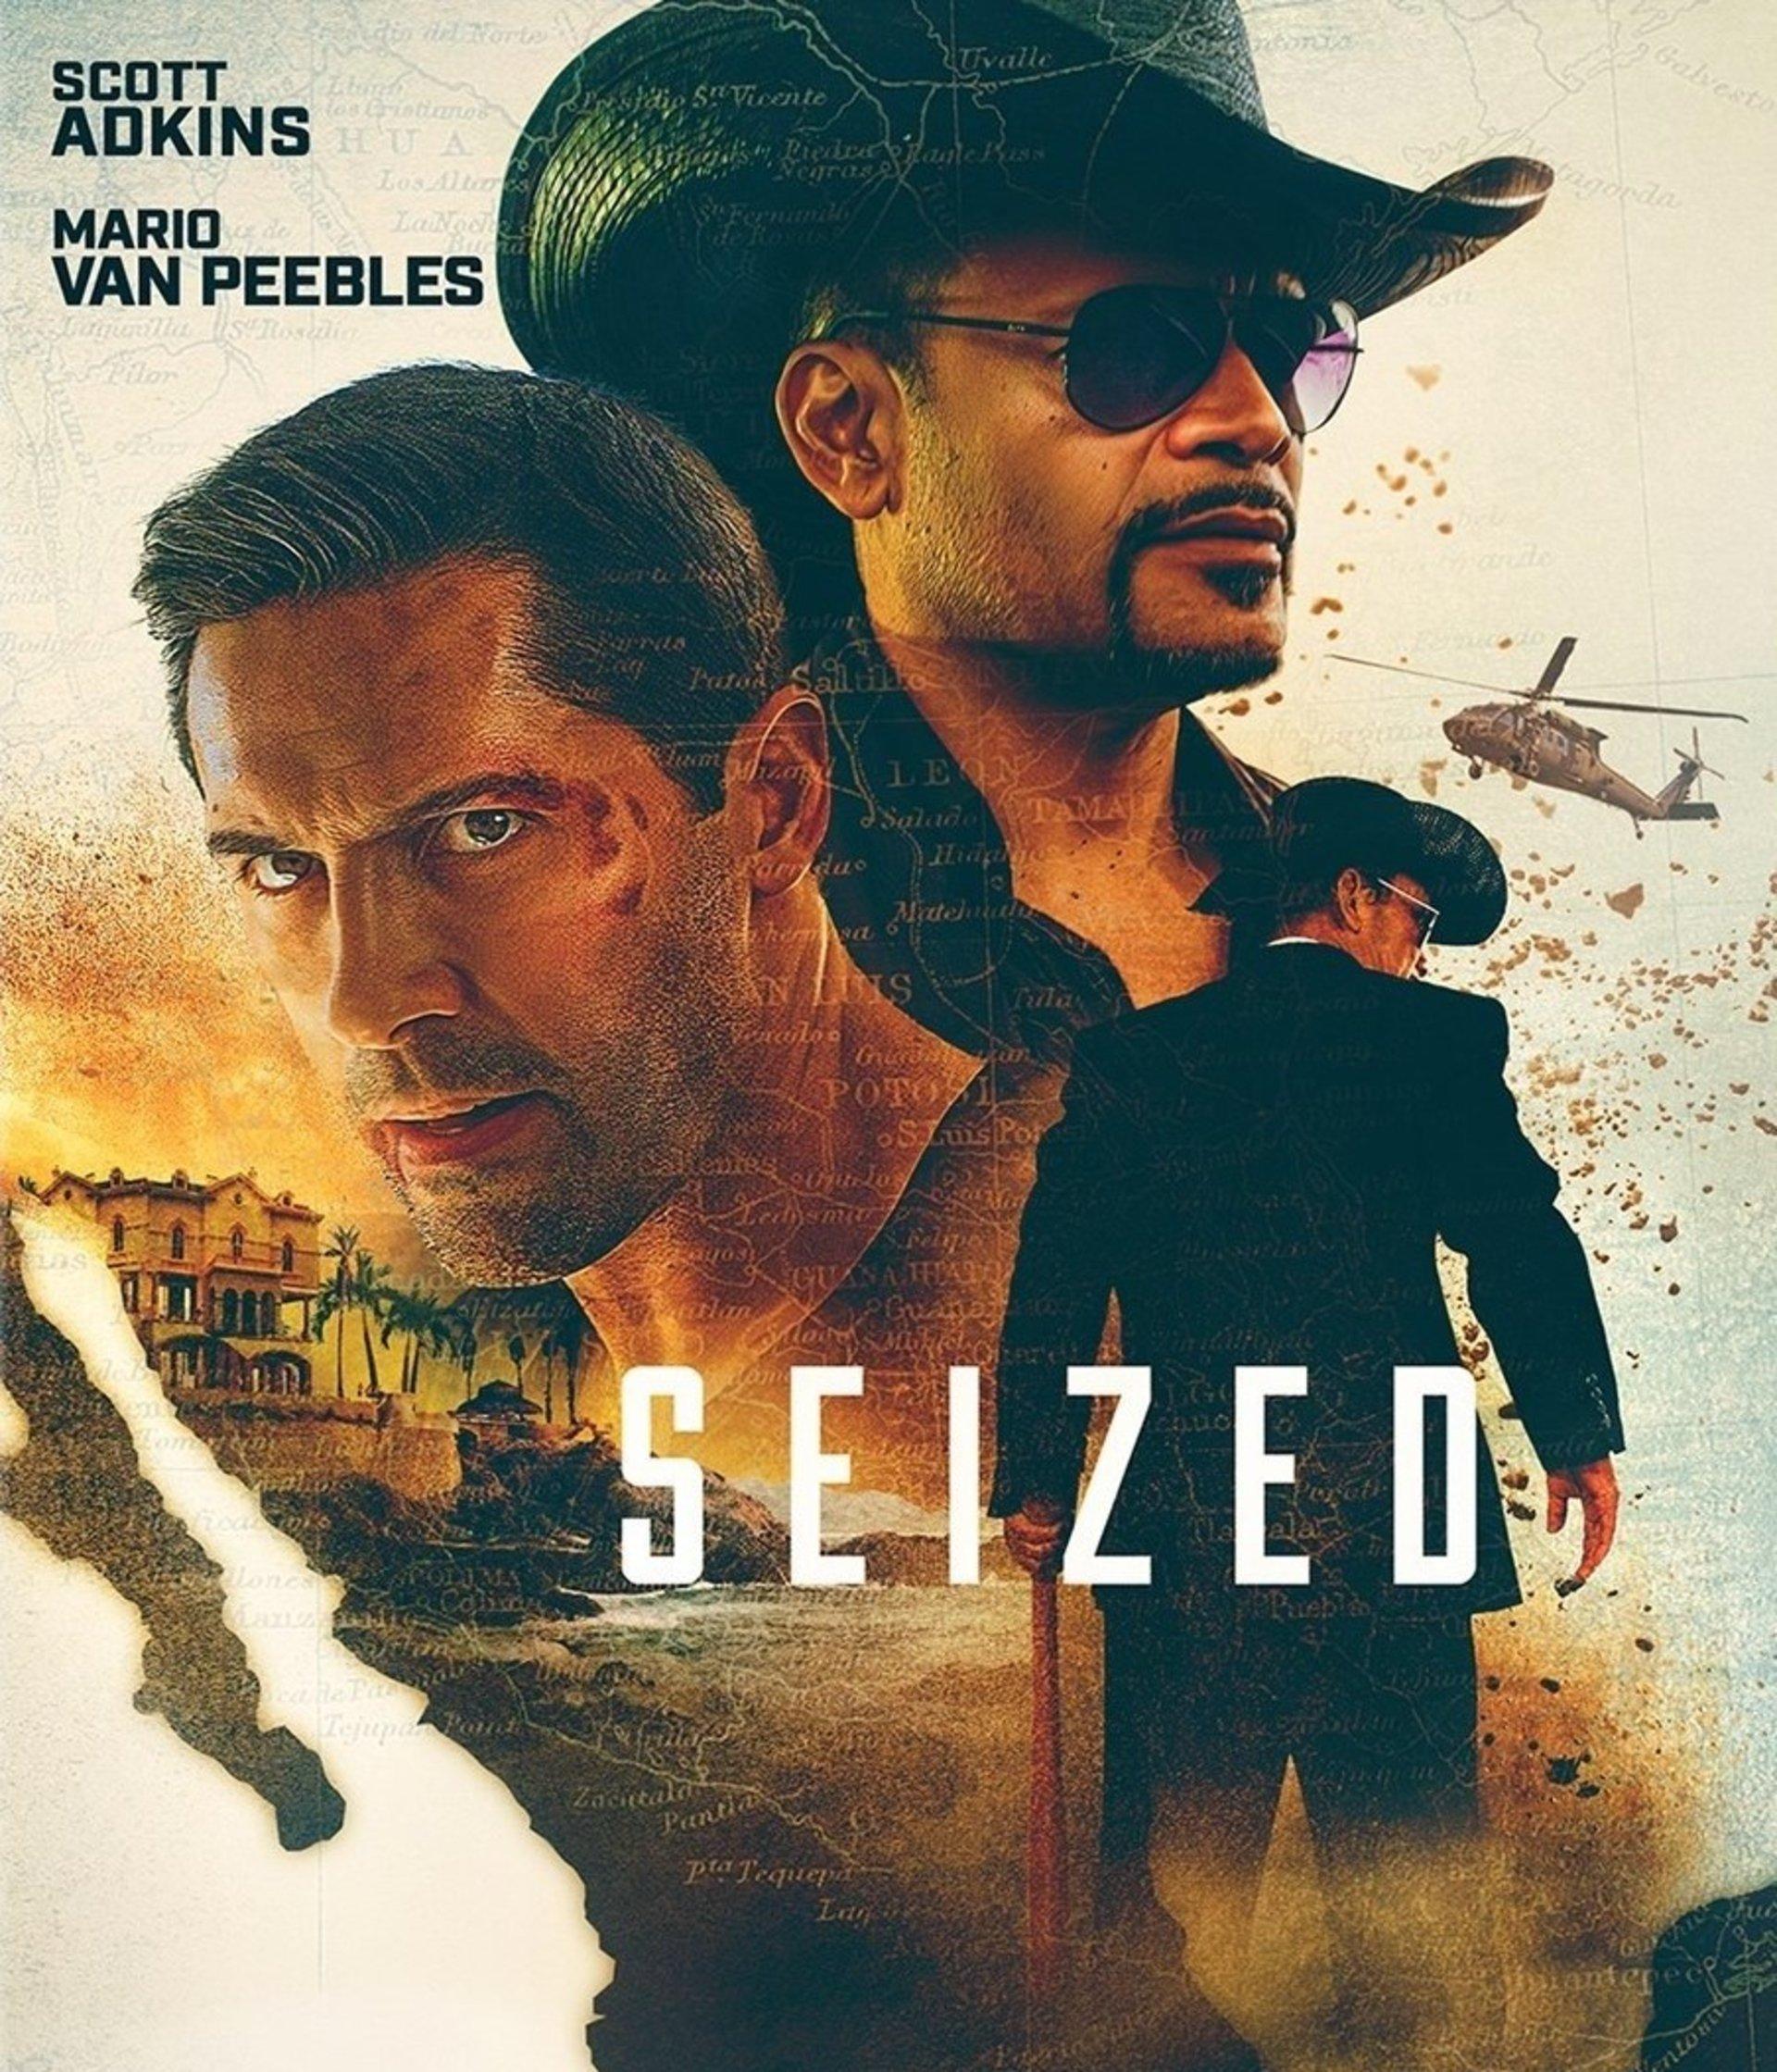 Nonton Film Seized (2020) Subtitle Indonesia | Nonton Film ...